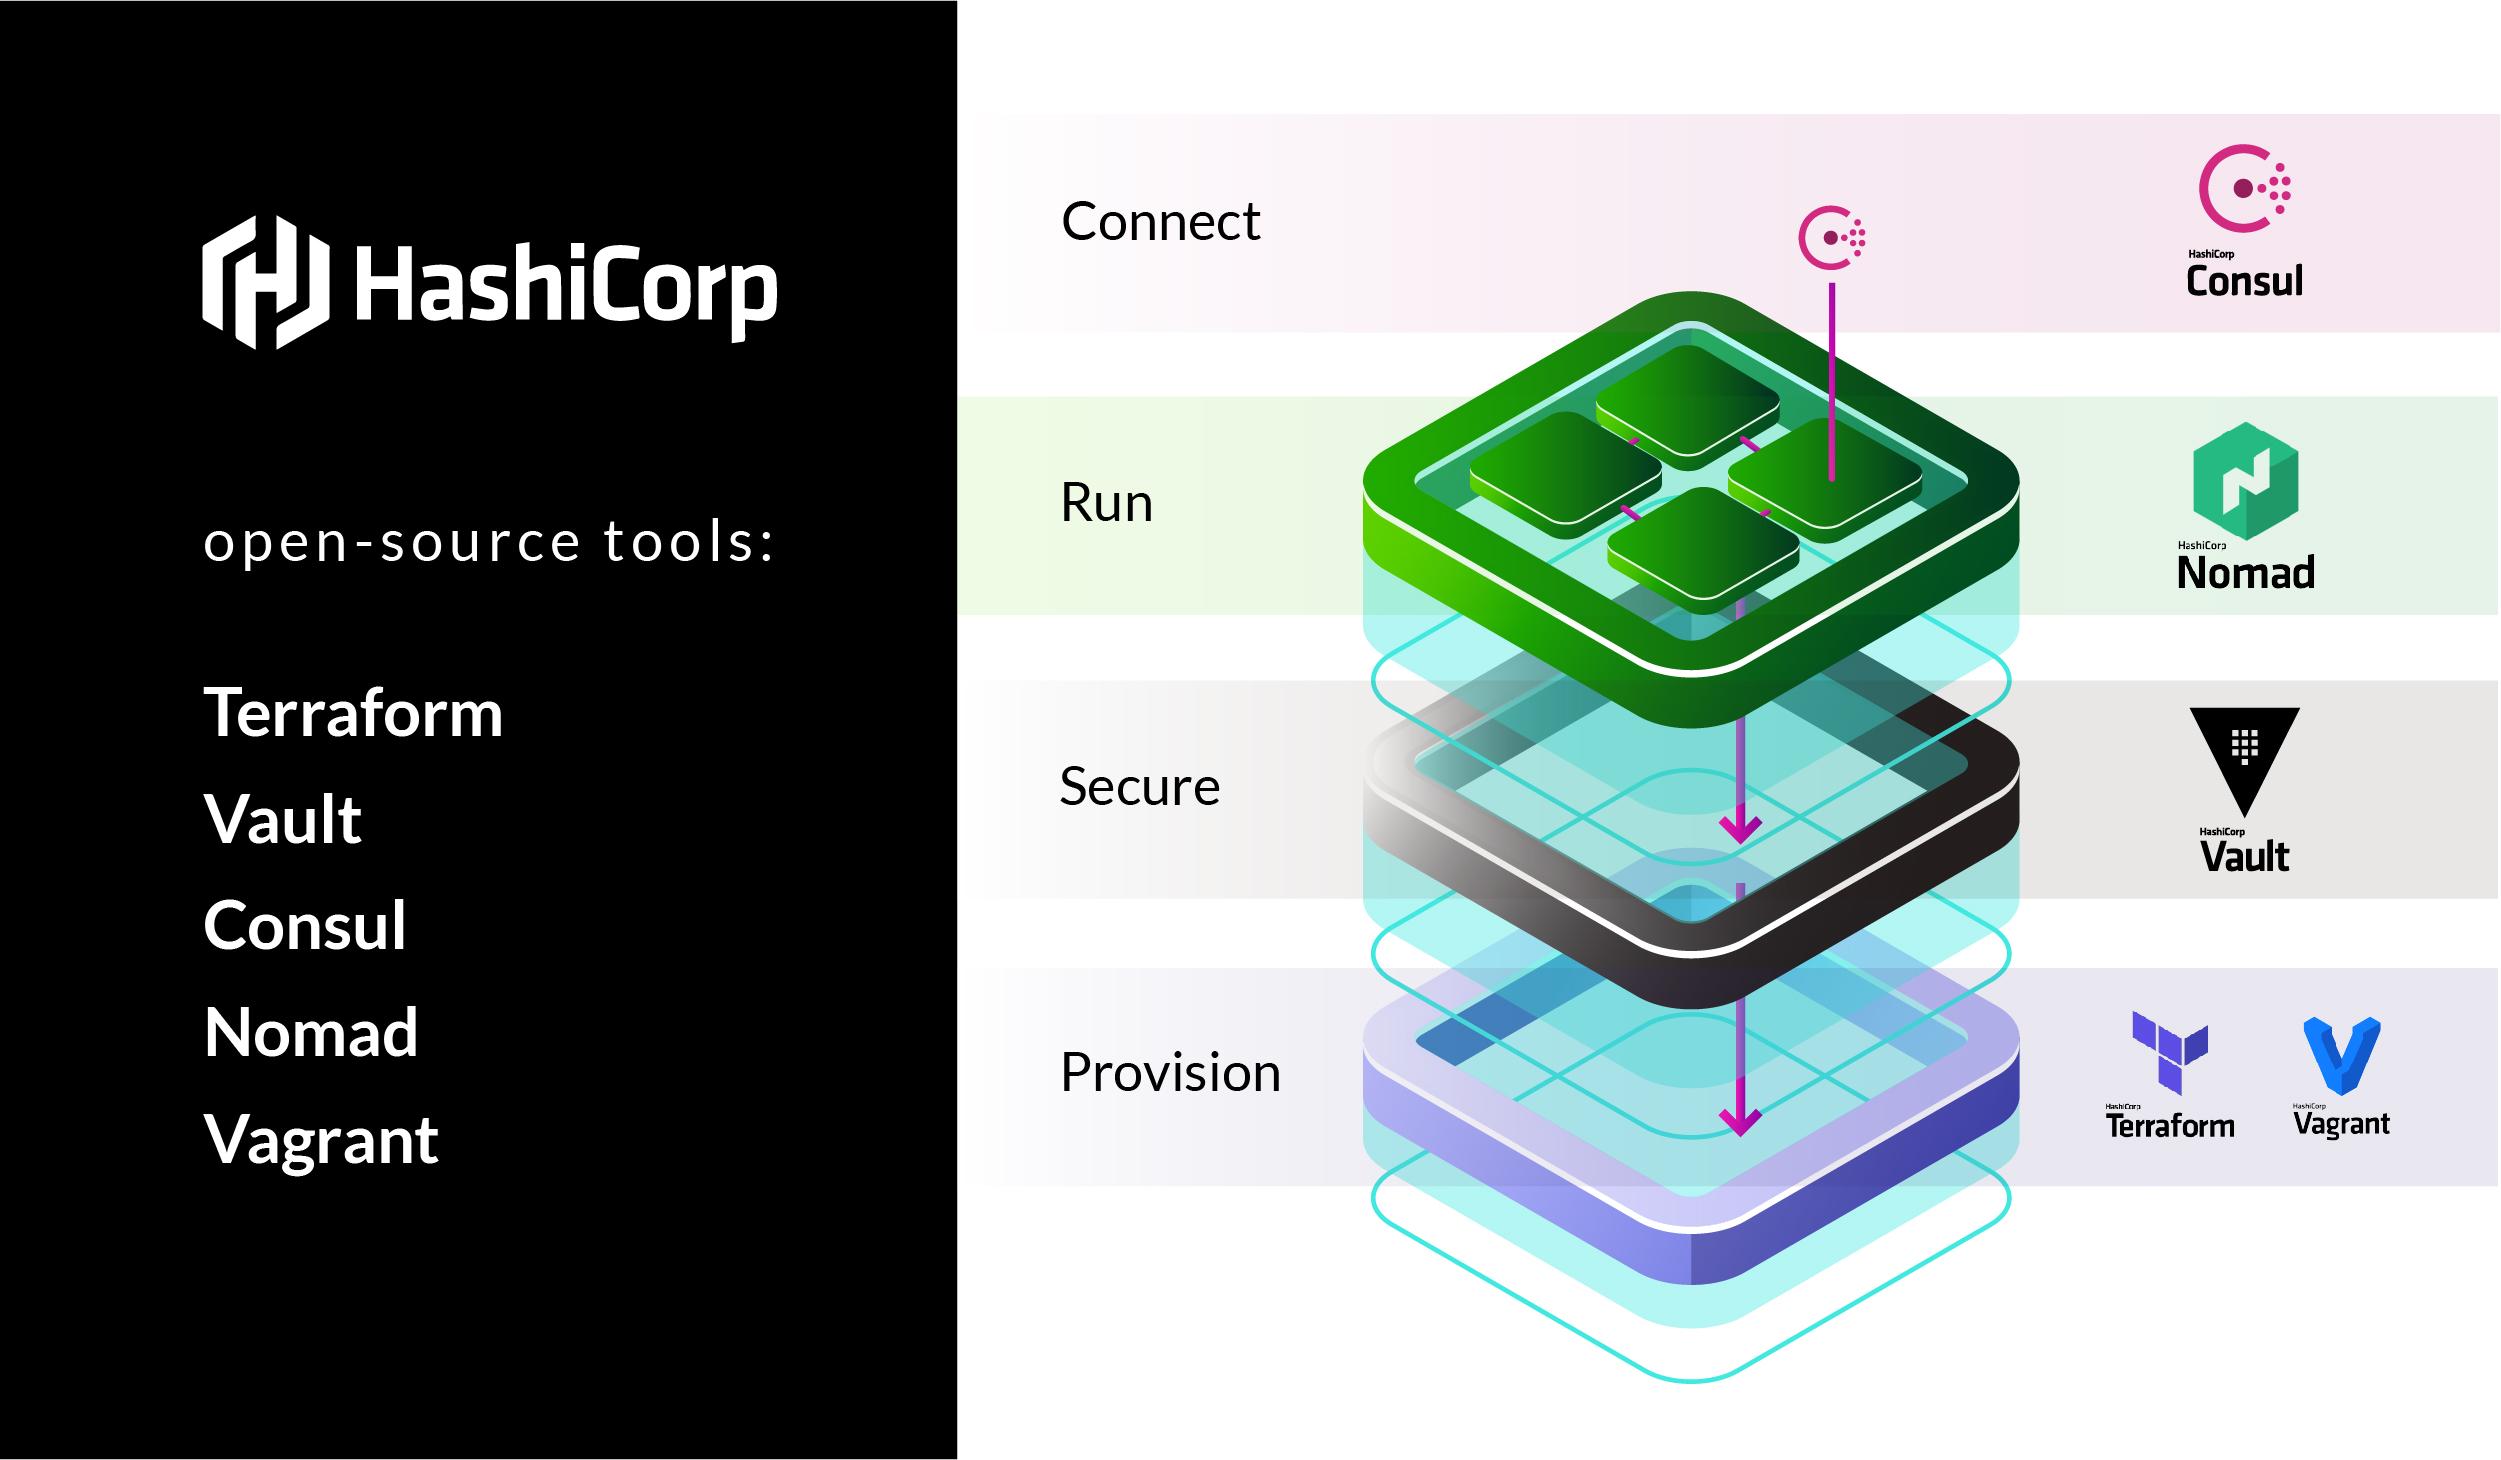 HashiCorp.jpg